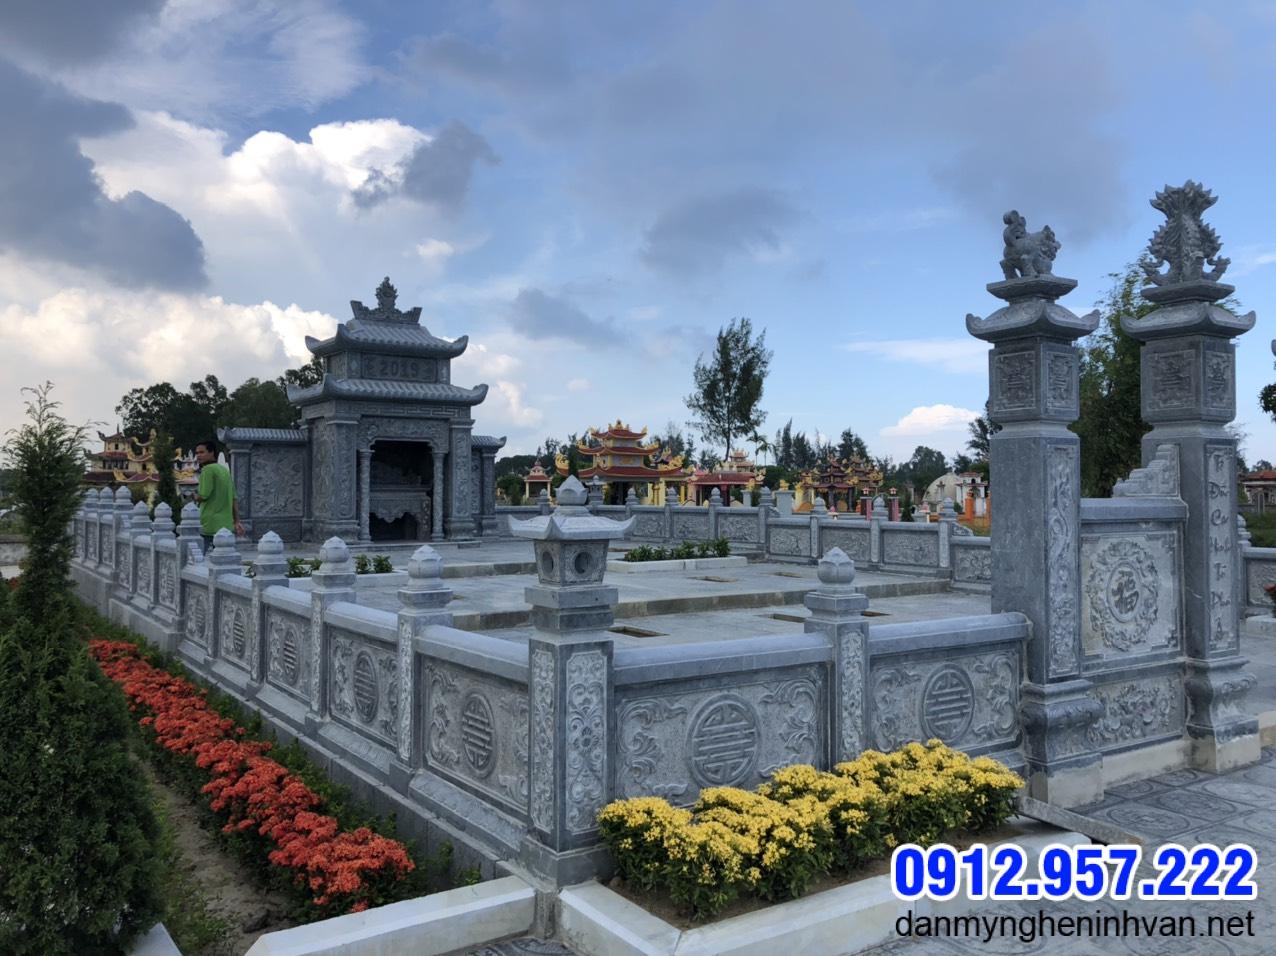 hàng rào khu nhà mộ bằng đá xanh tự nhiên đẹp nhất